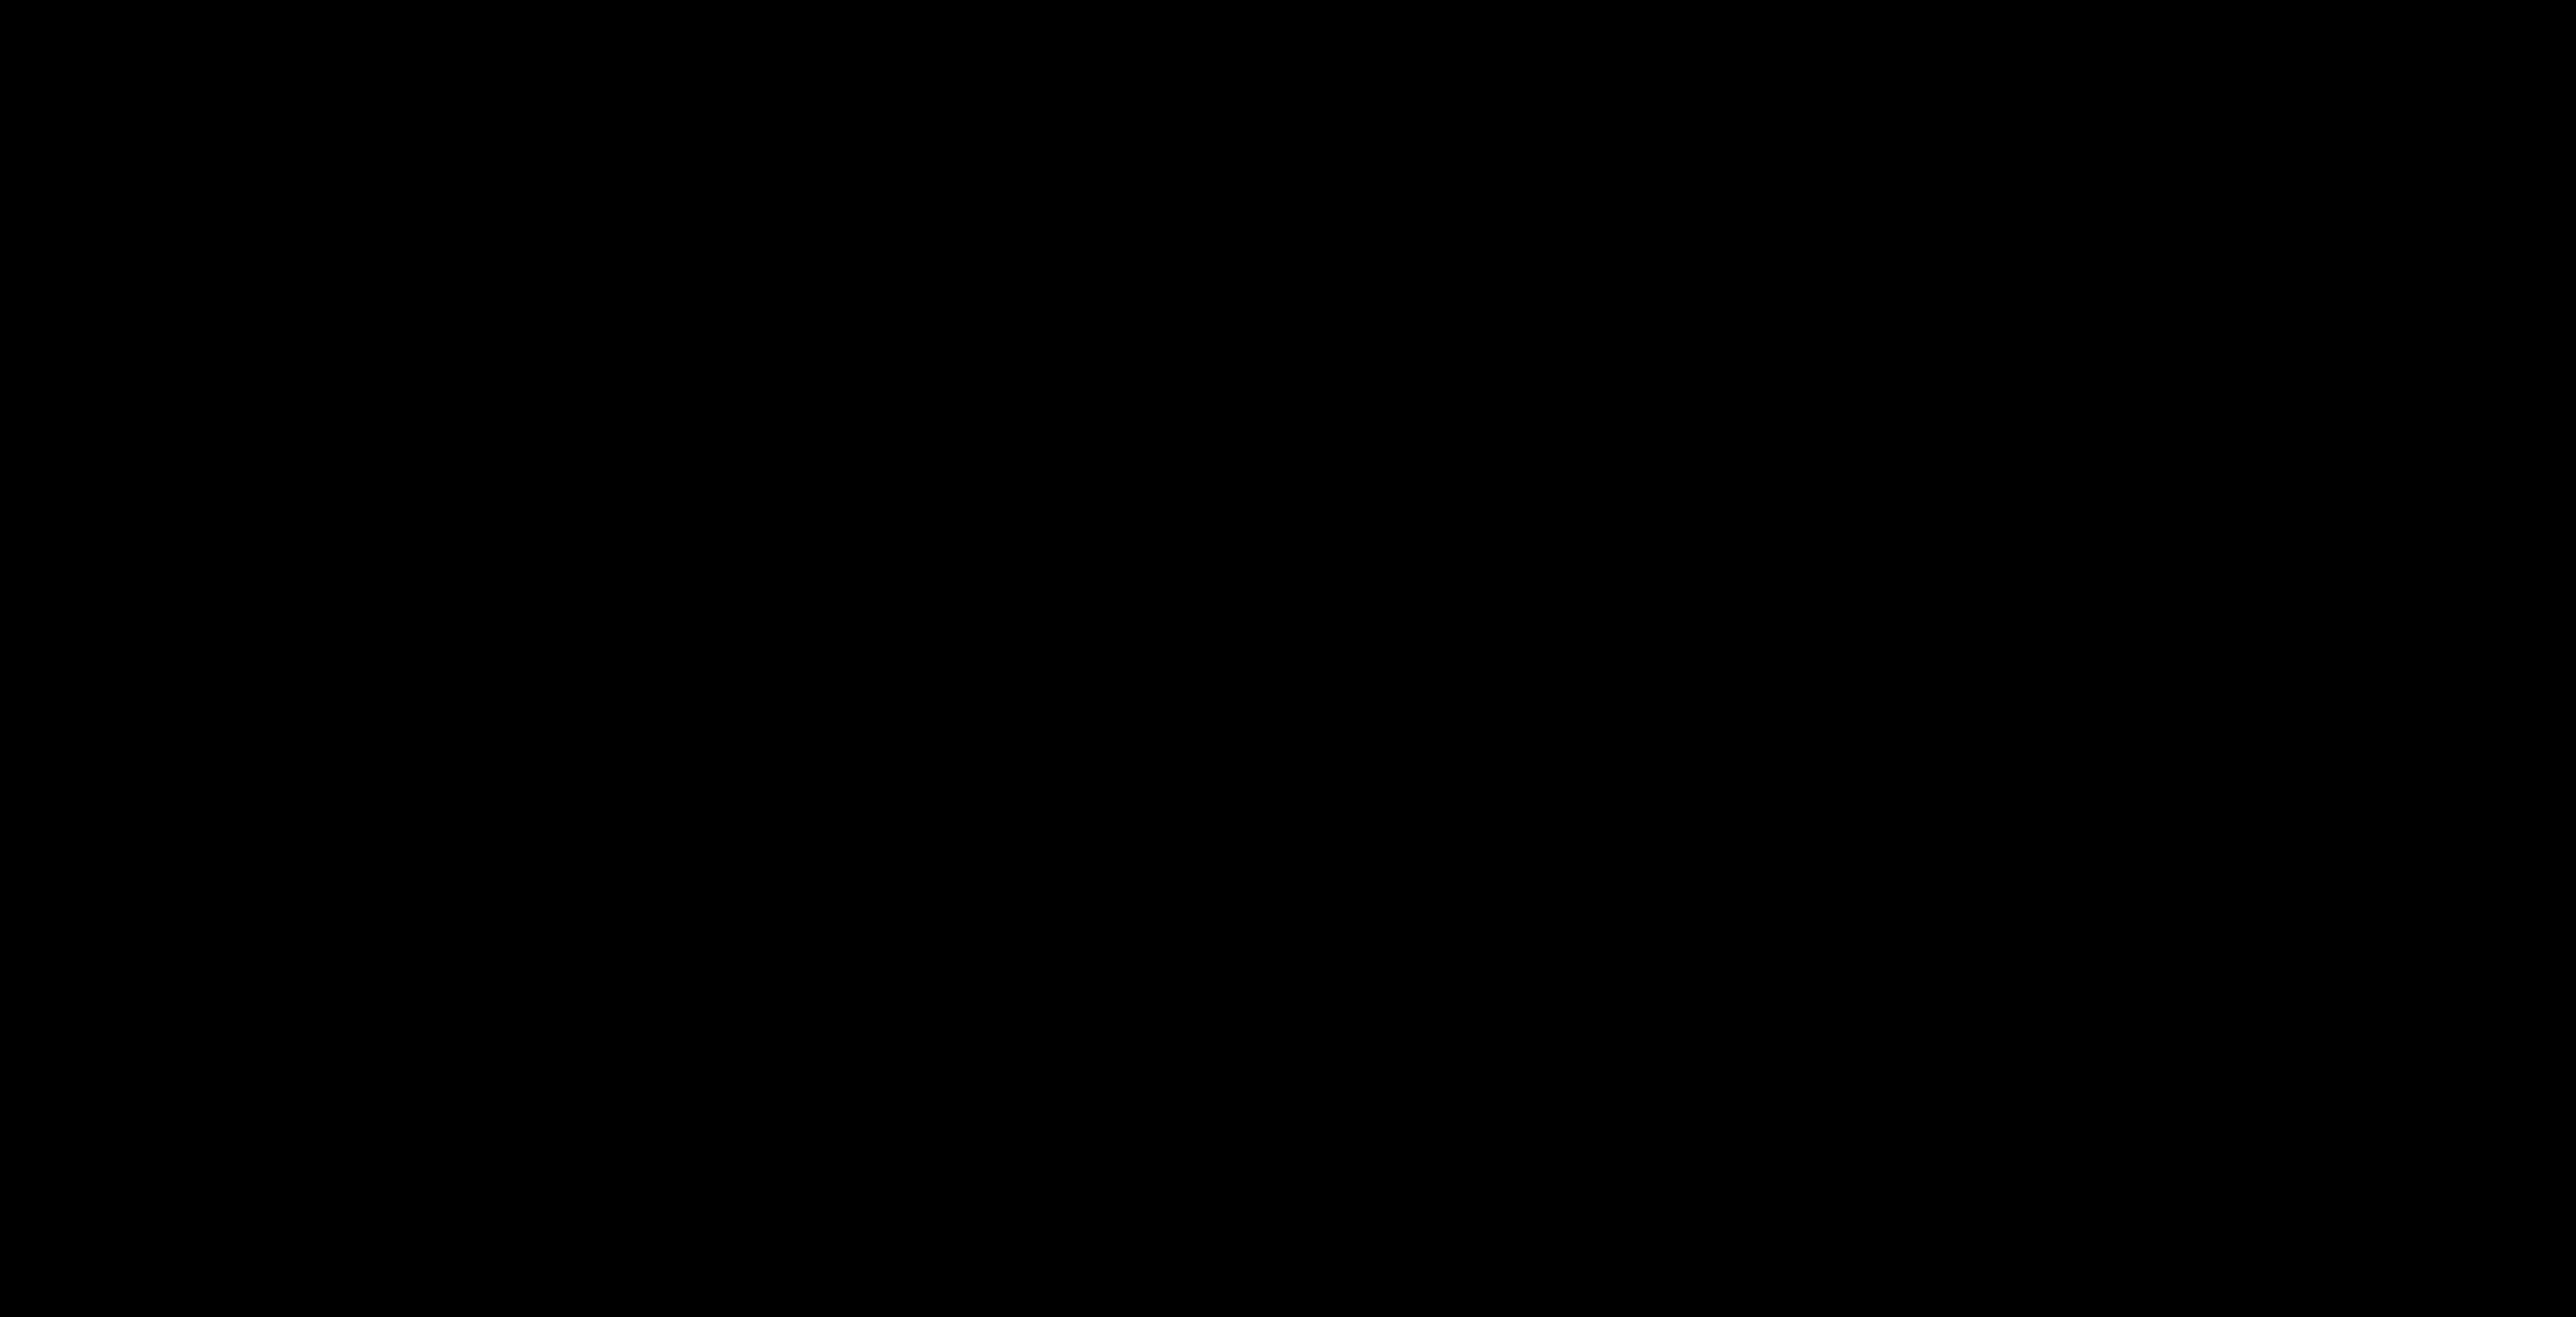 Image de l'agence Agence de l'Amphithéâtre